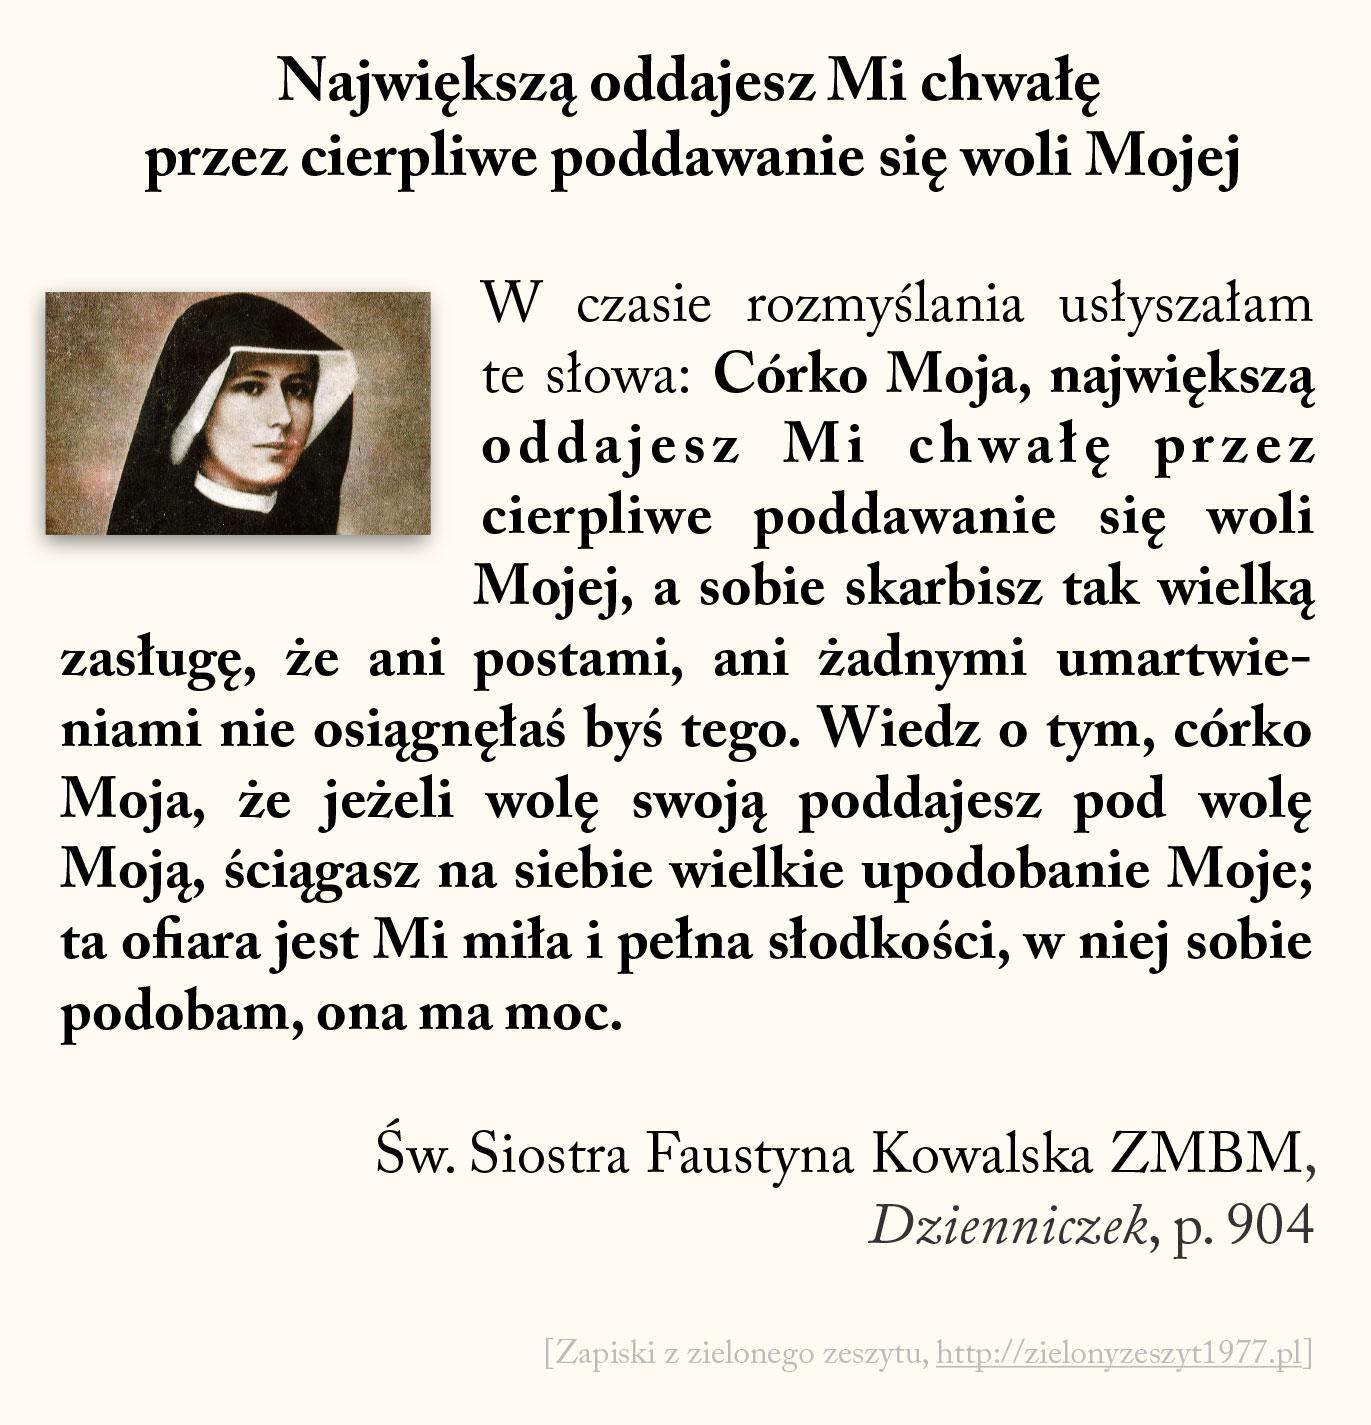 Największą oddajesz Mi chwałę przez cierpliwe poddawanie się woli Mojej, św. Faustyna Kowalska